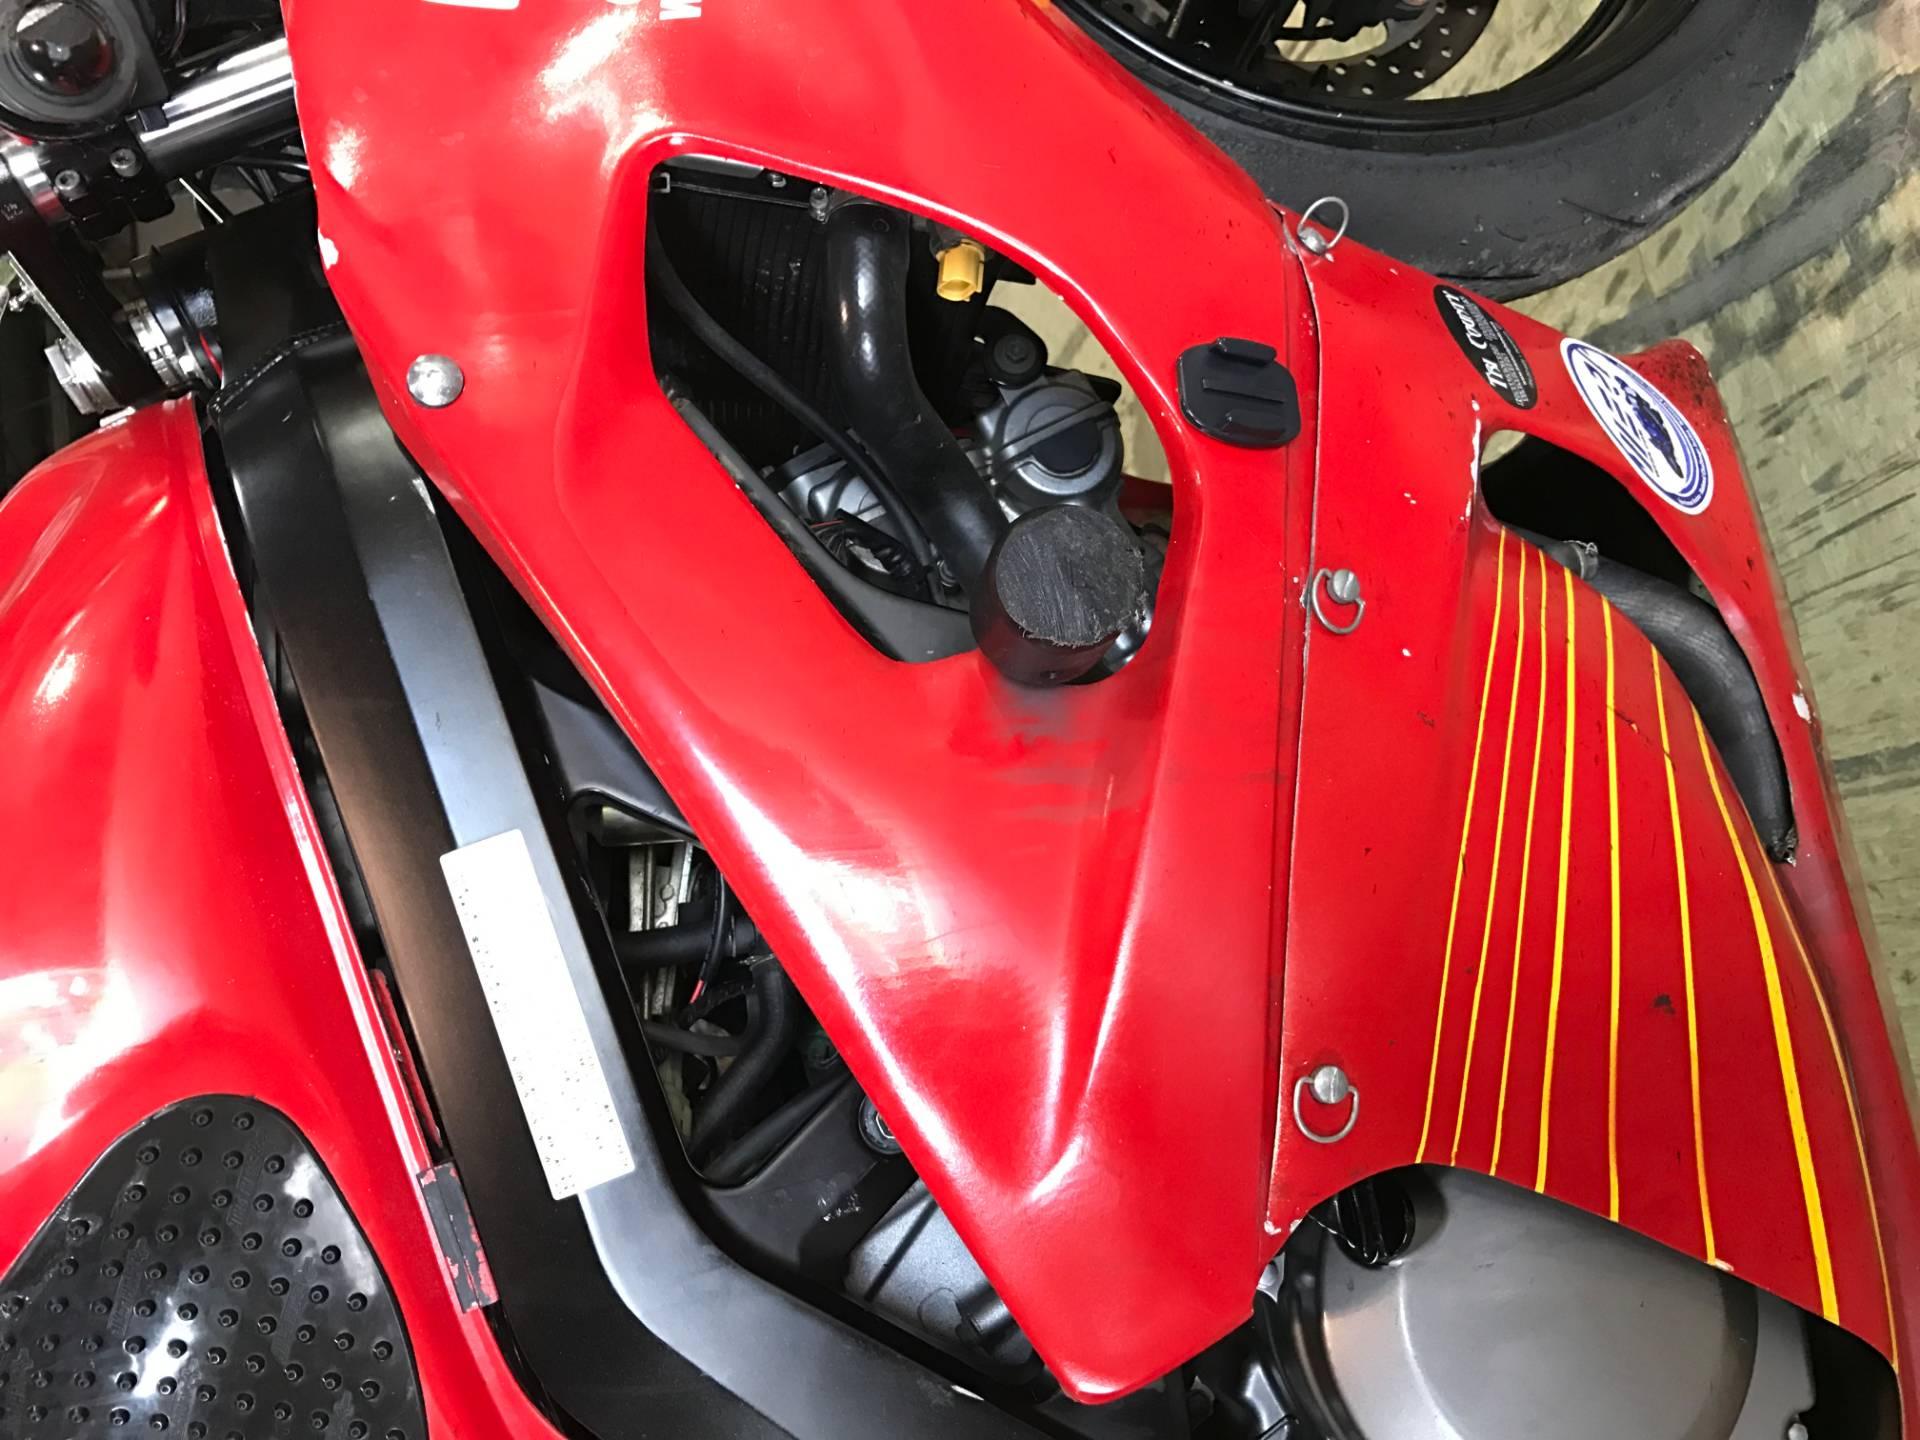 2005 Suzuki SV650 10